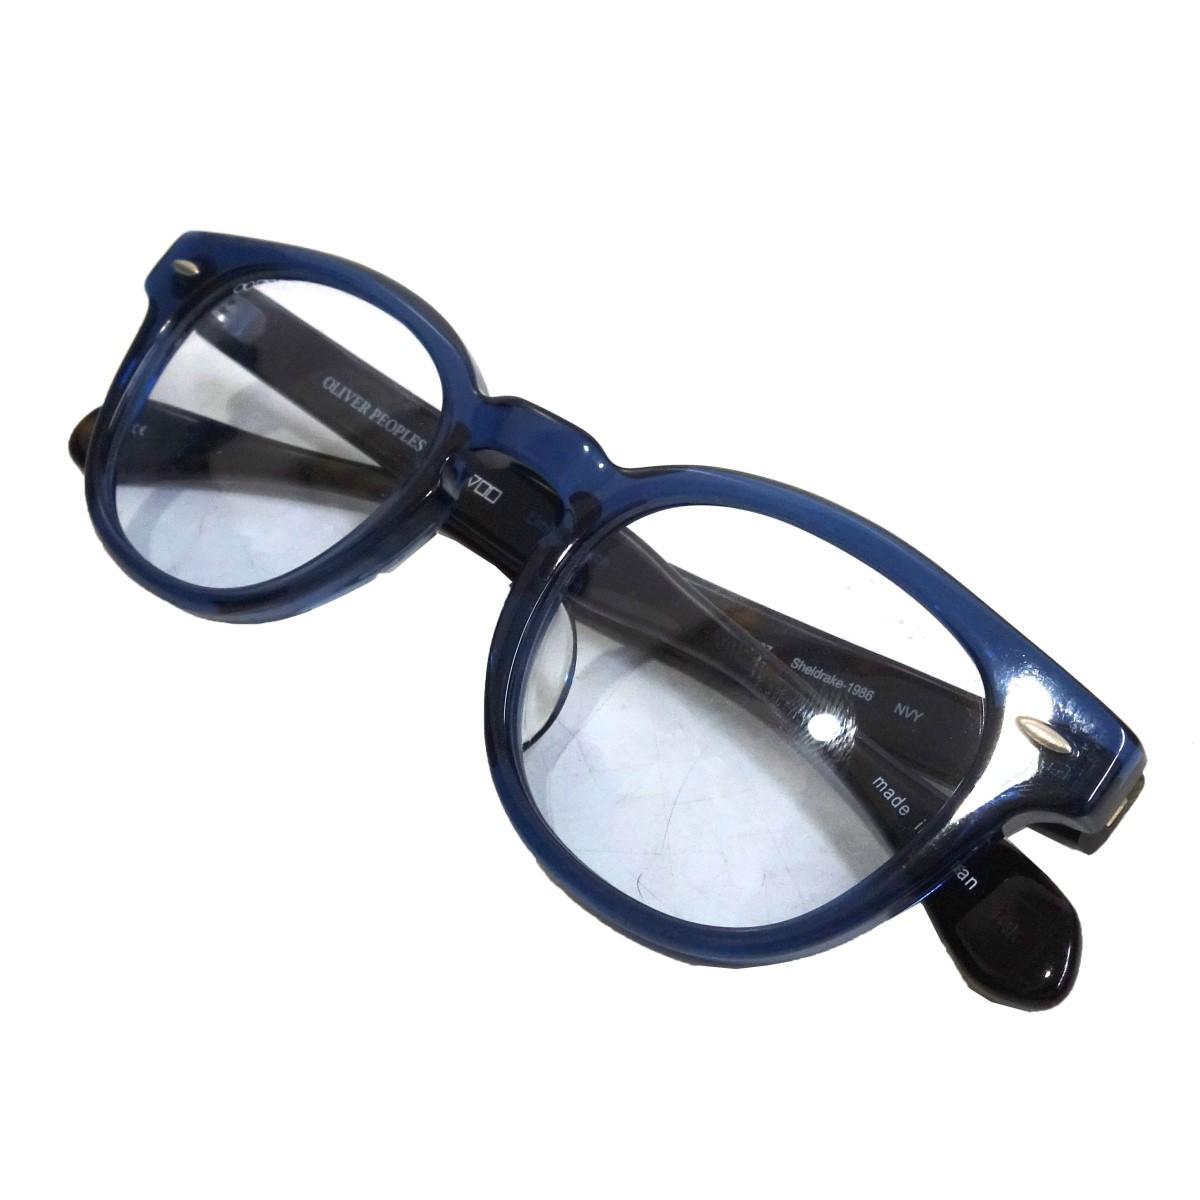 【中古】OLIVER PEOPLES 「sheldrake-1986」眼鏡 ライトブルー×ブルー×ブラック サイズ:- 【180820】(オリバーピープルズ)